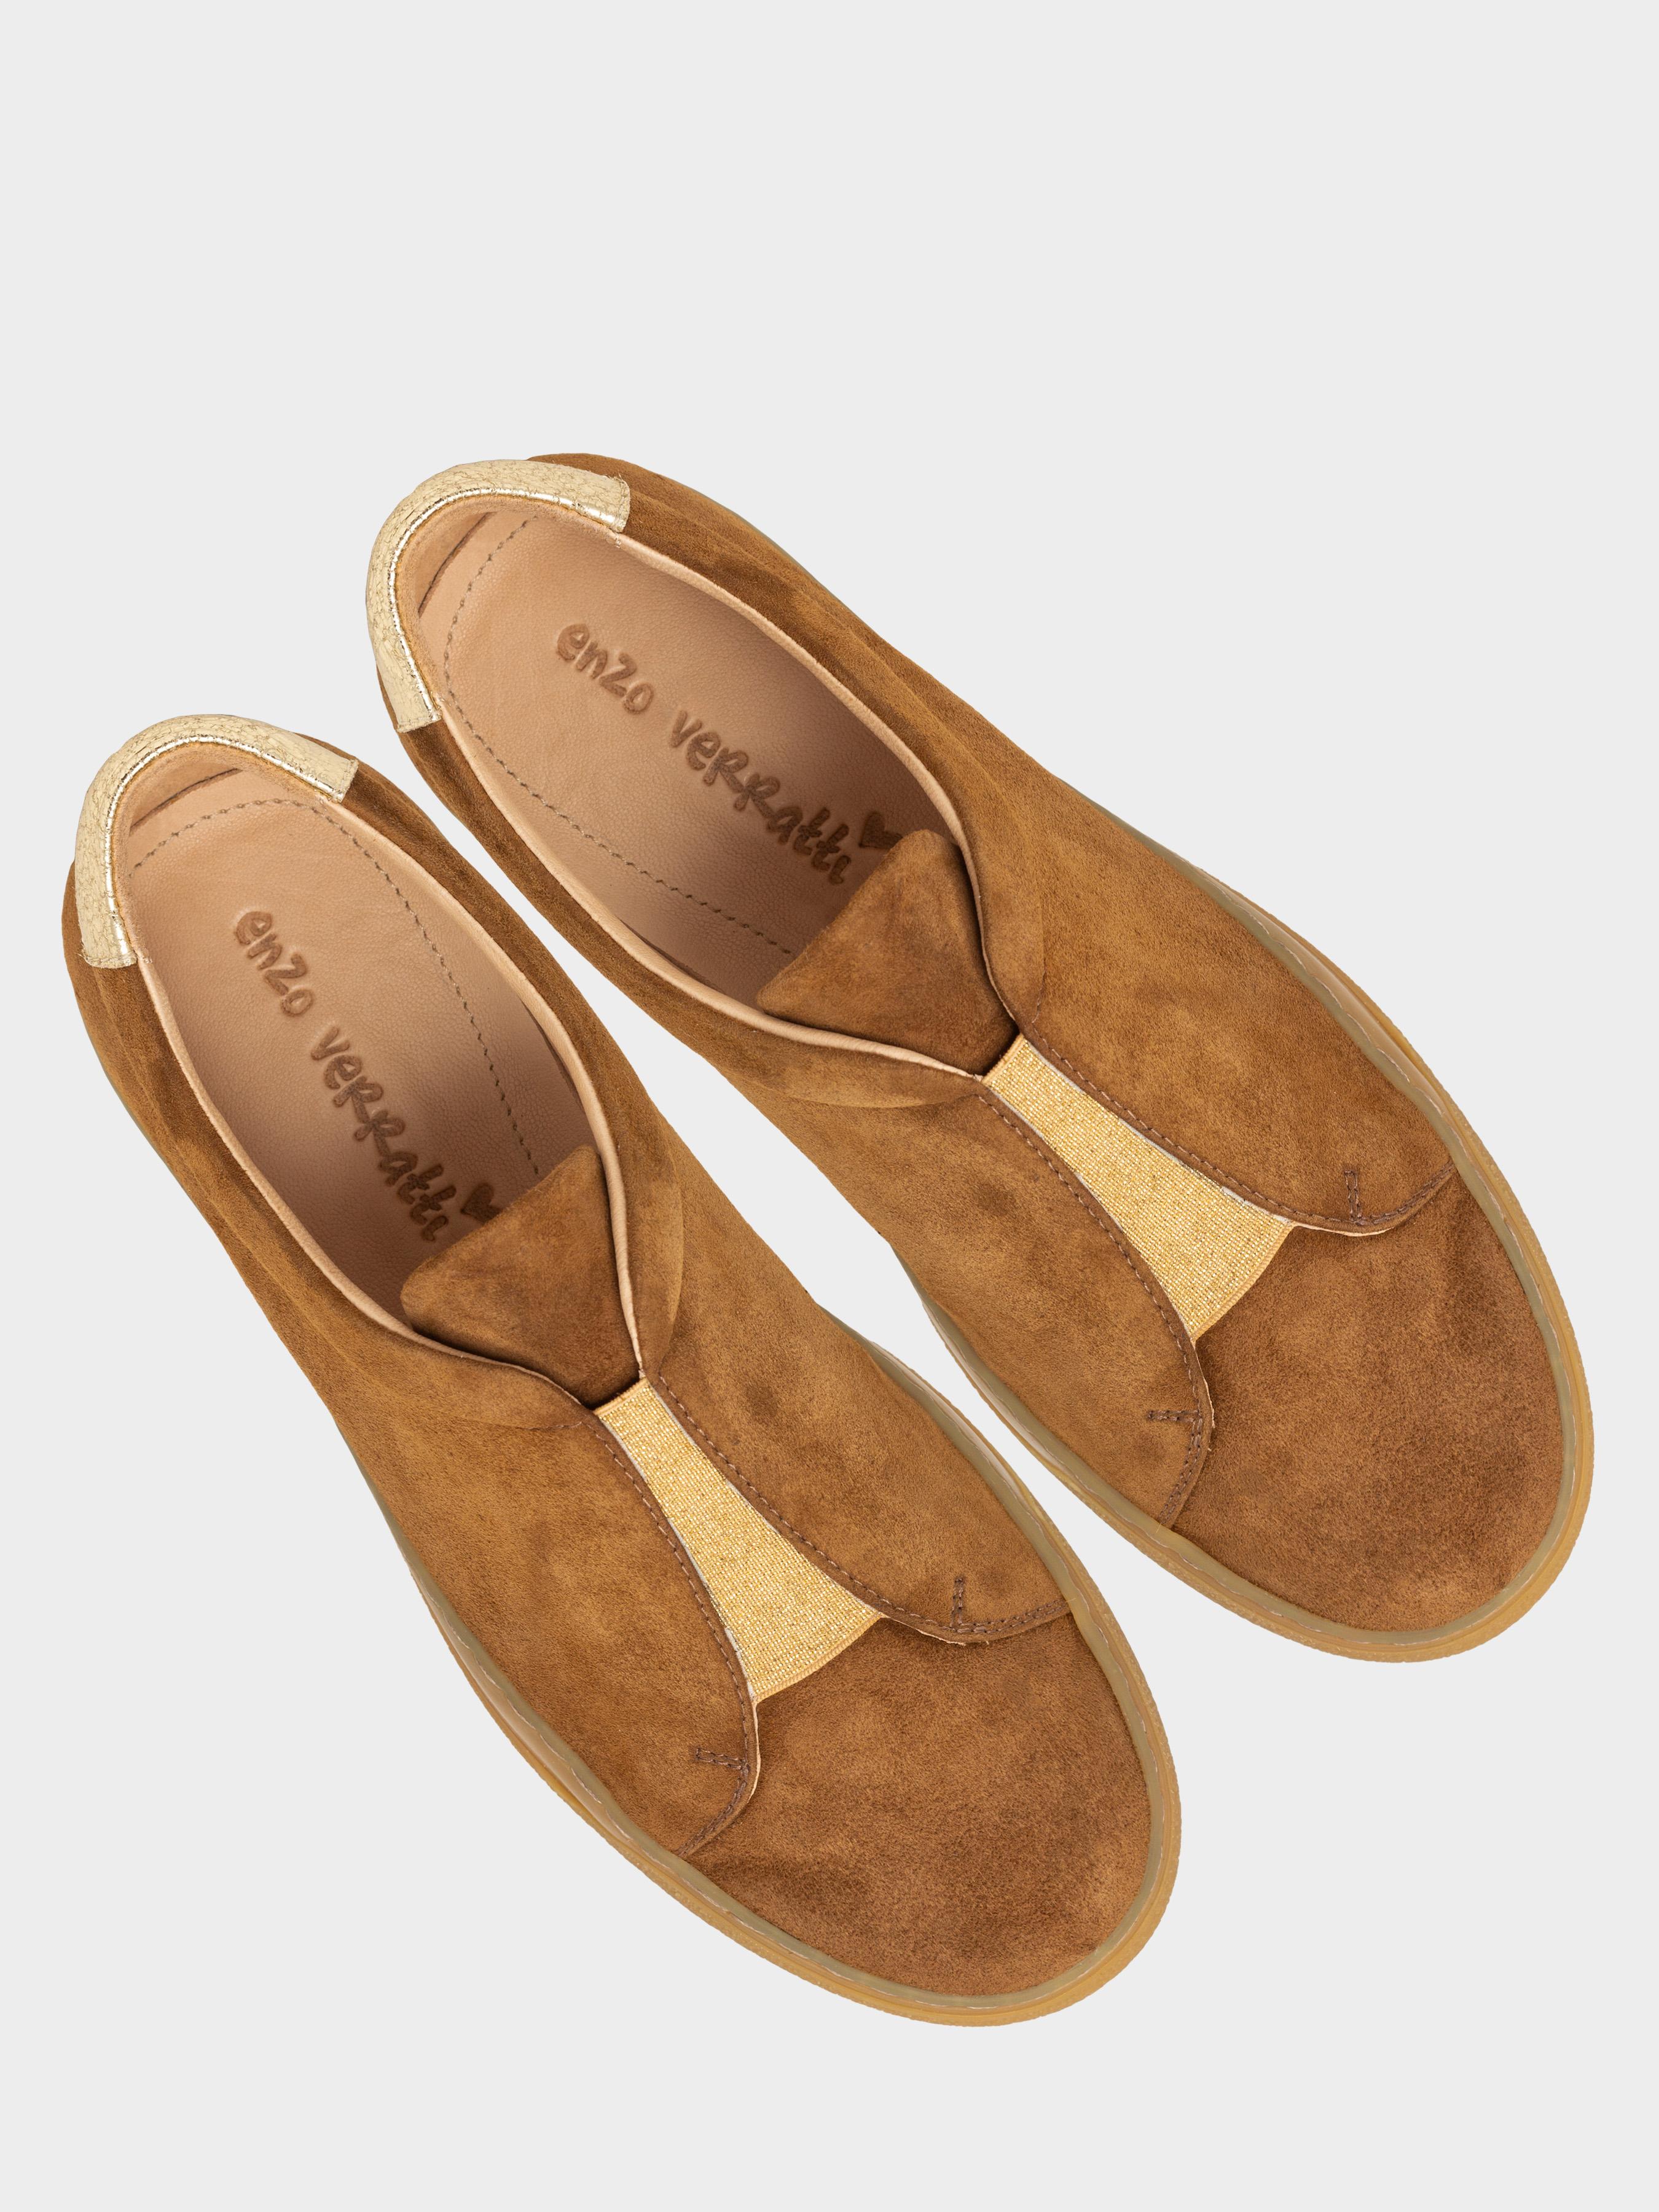 Кеды для женщин Туфли женские ENZO VERRATTI 18-1426-11r размерная сетка обуви, 2017